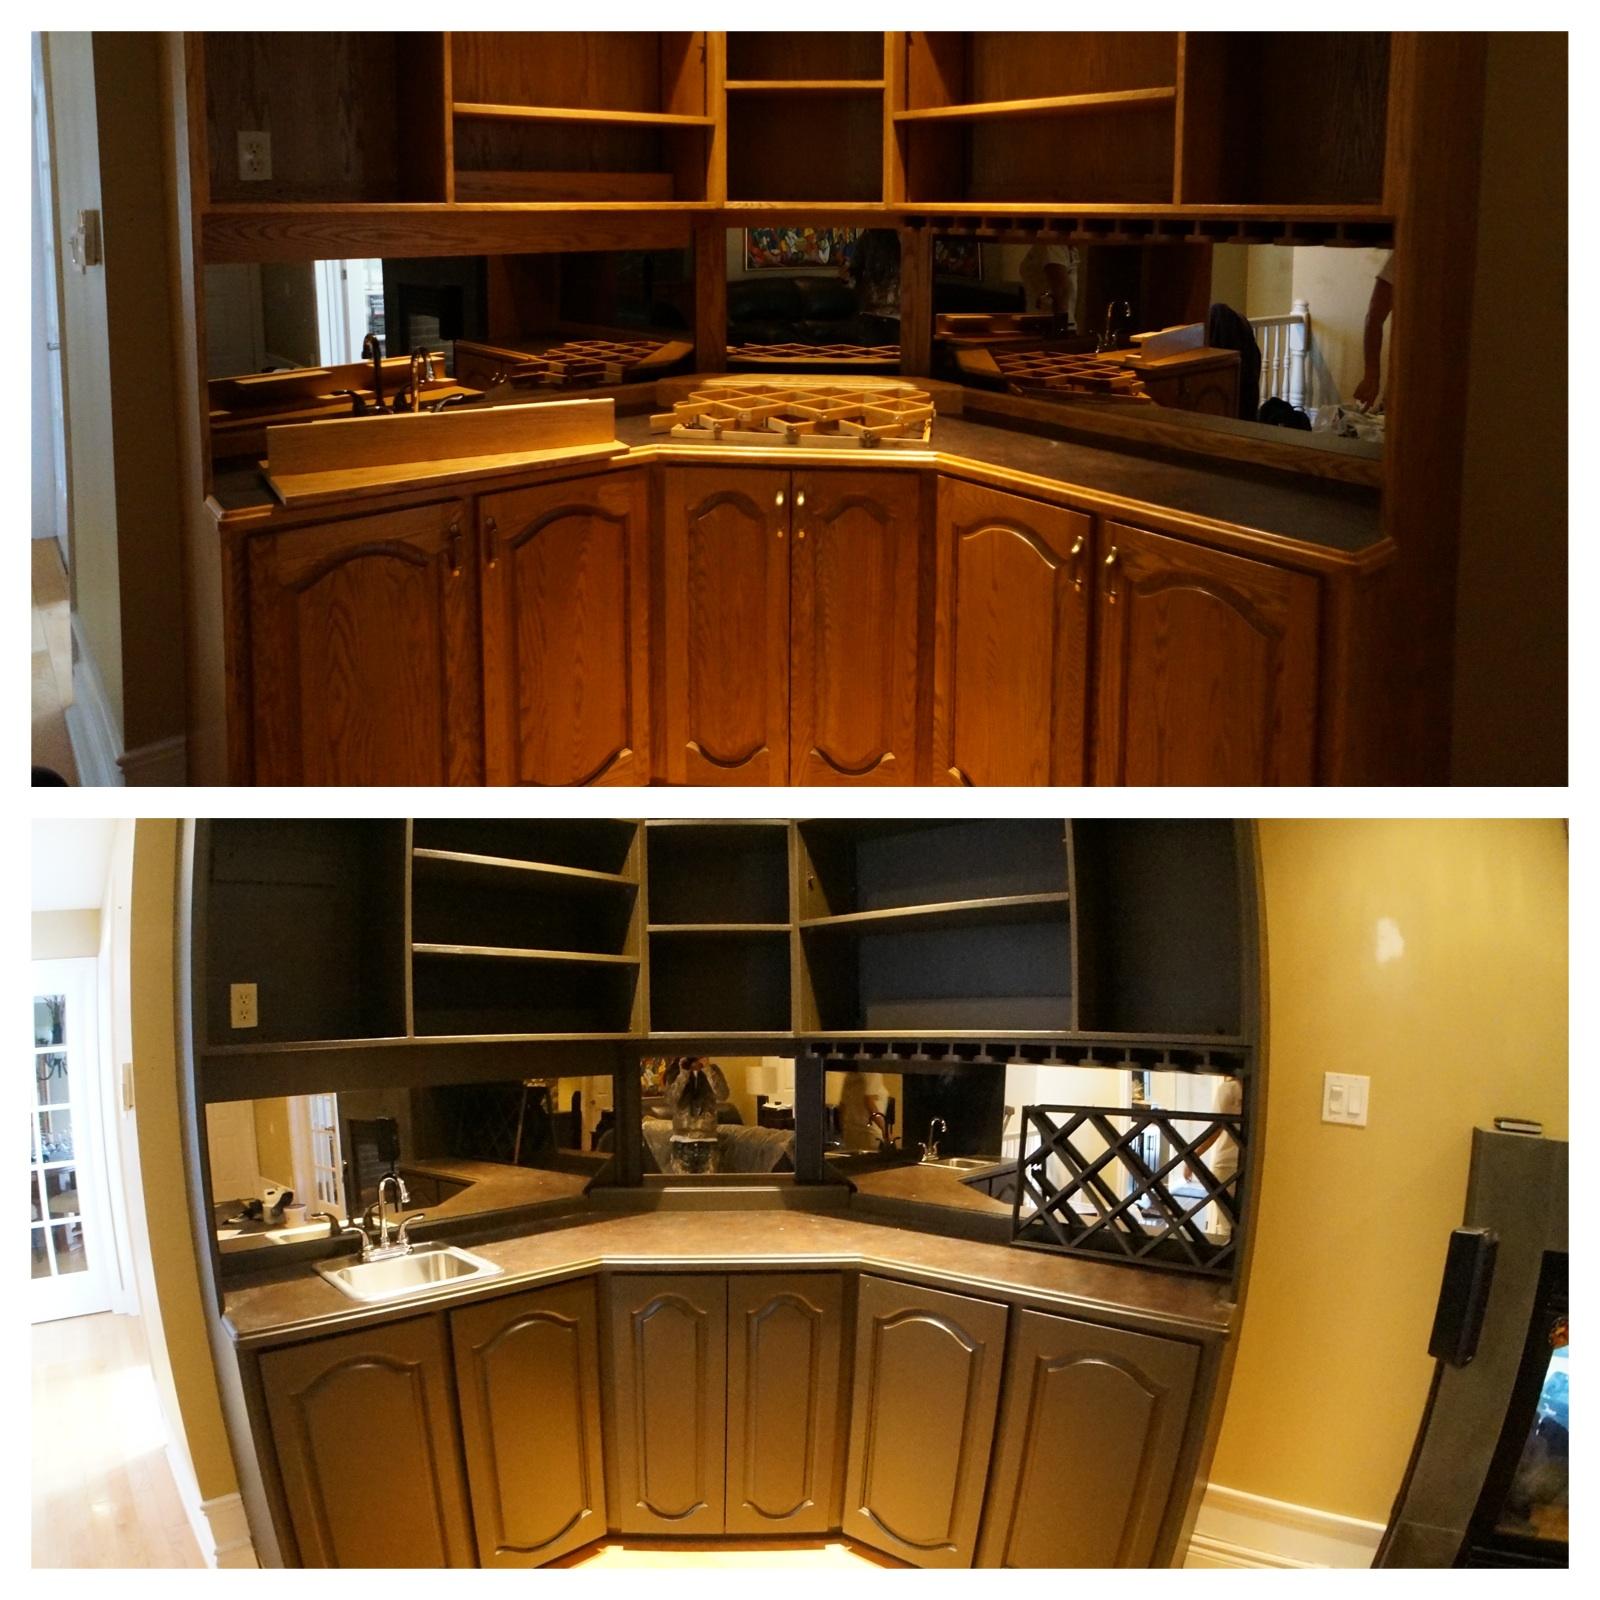 cabinet beforeafter1.jpg